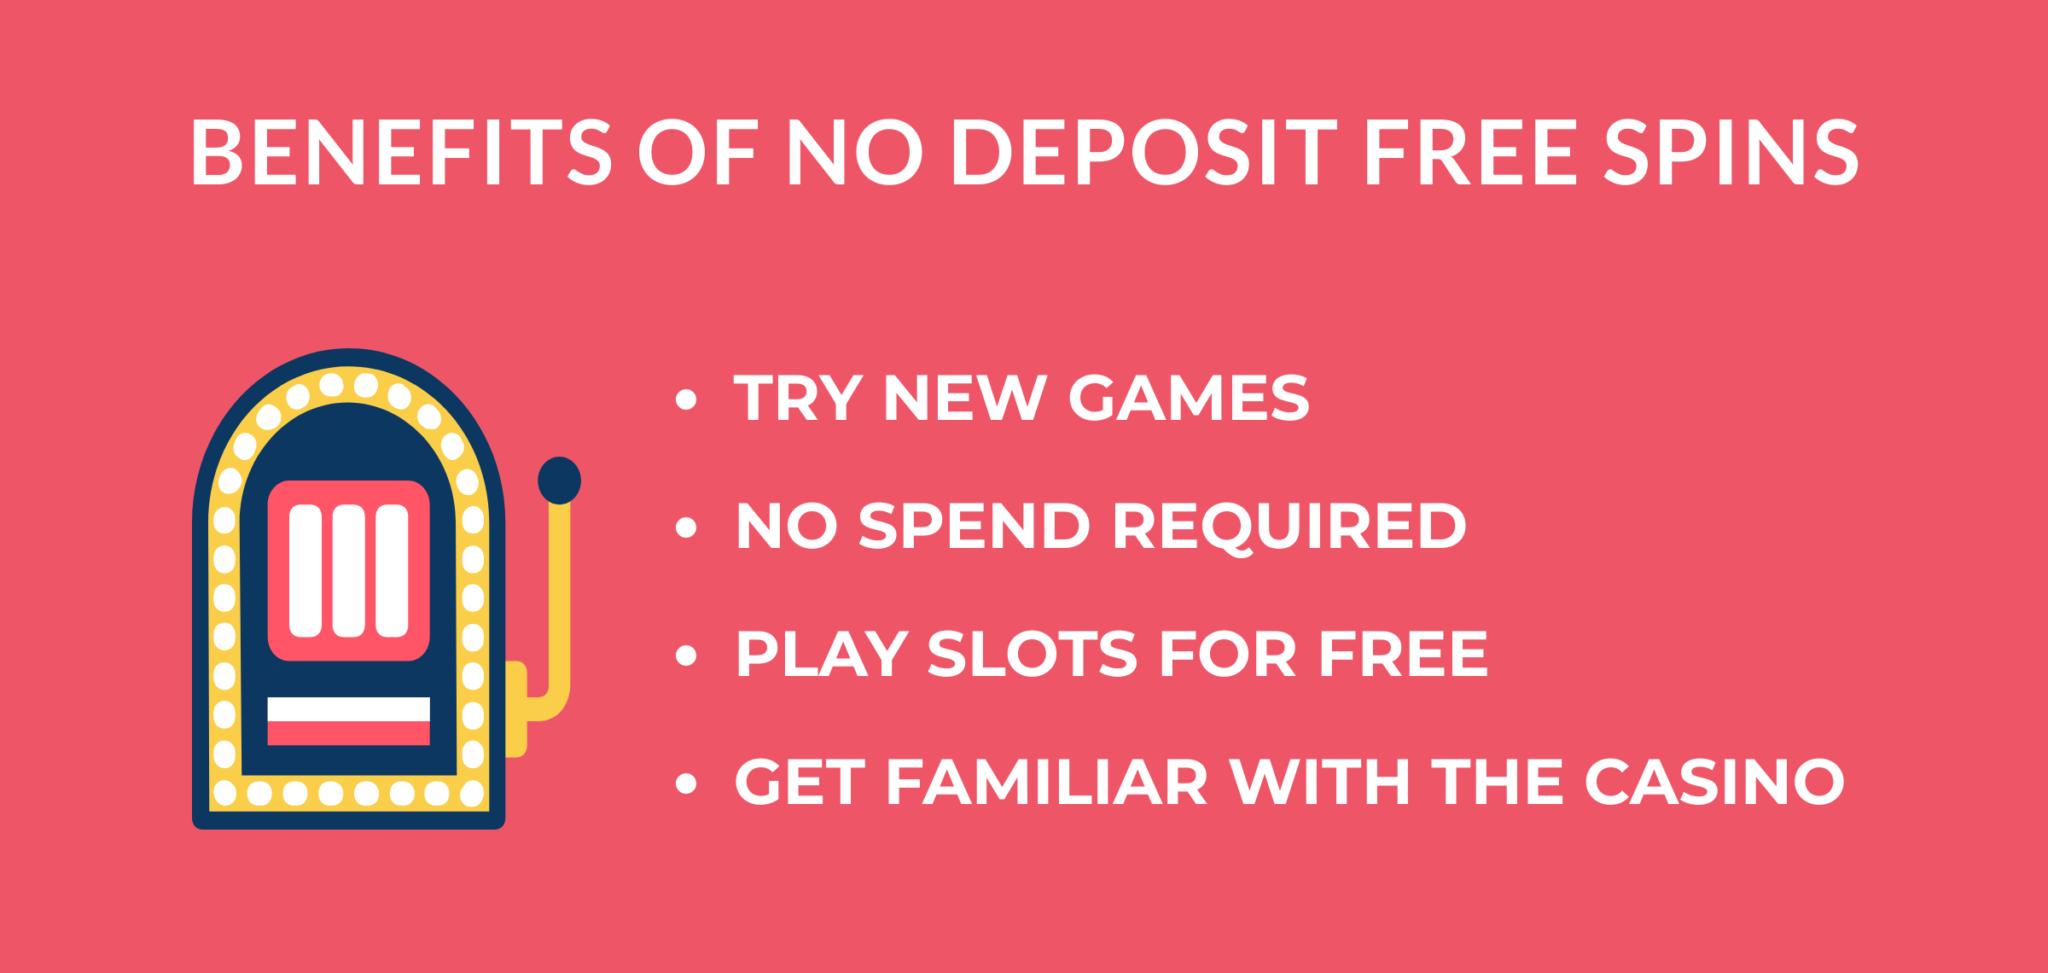 no deposit free spins benefits